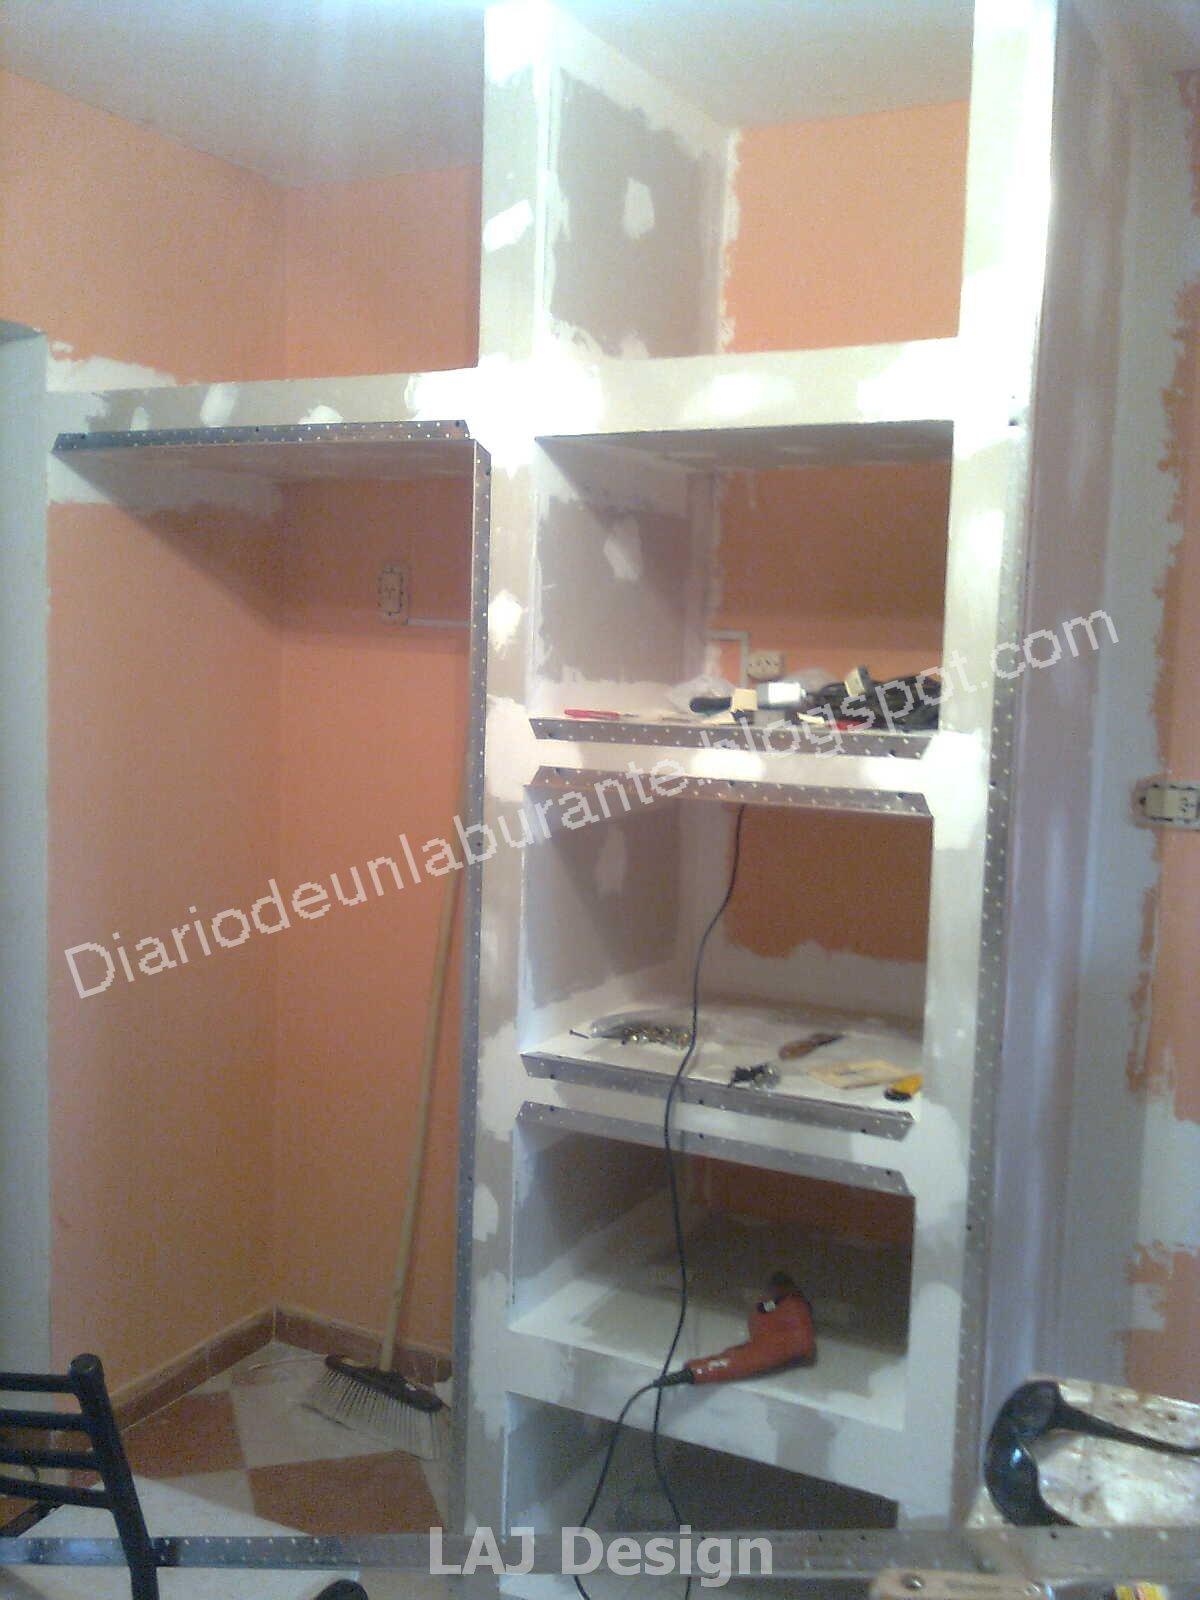 Diario de un Laburante: Mueble durlock en la cocina. Parte 1 #825C49 1200x1600